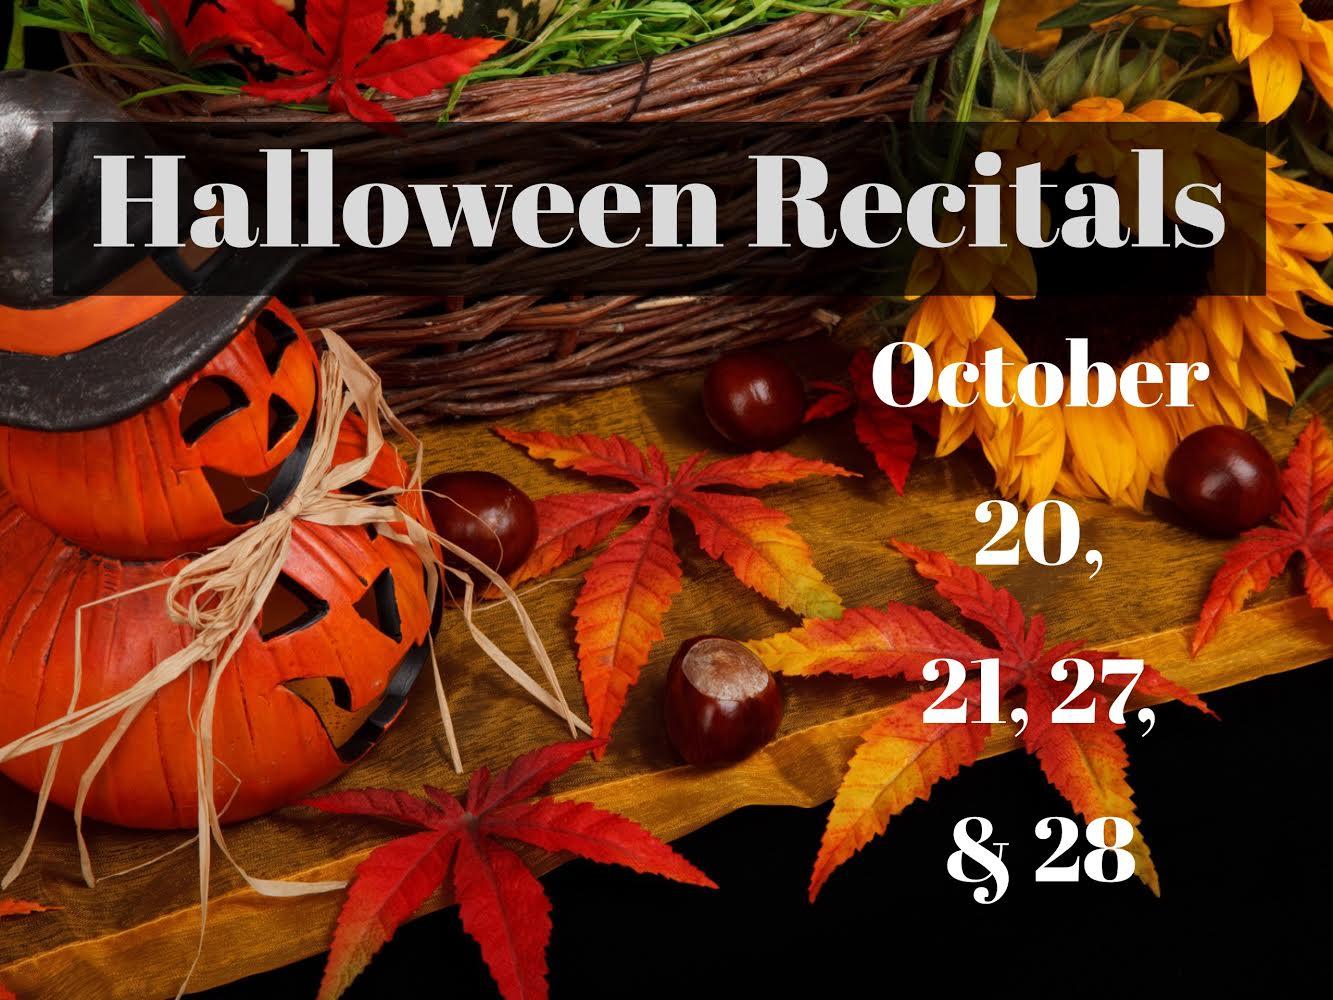 halloween recitals